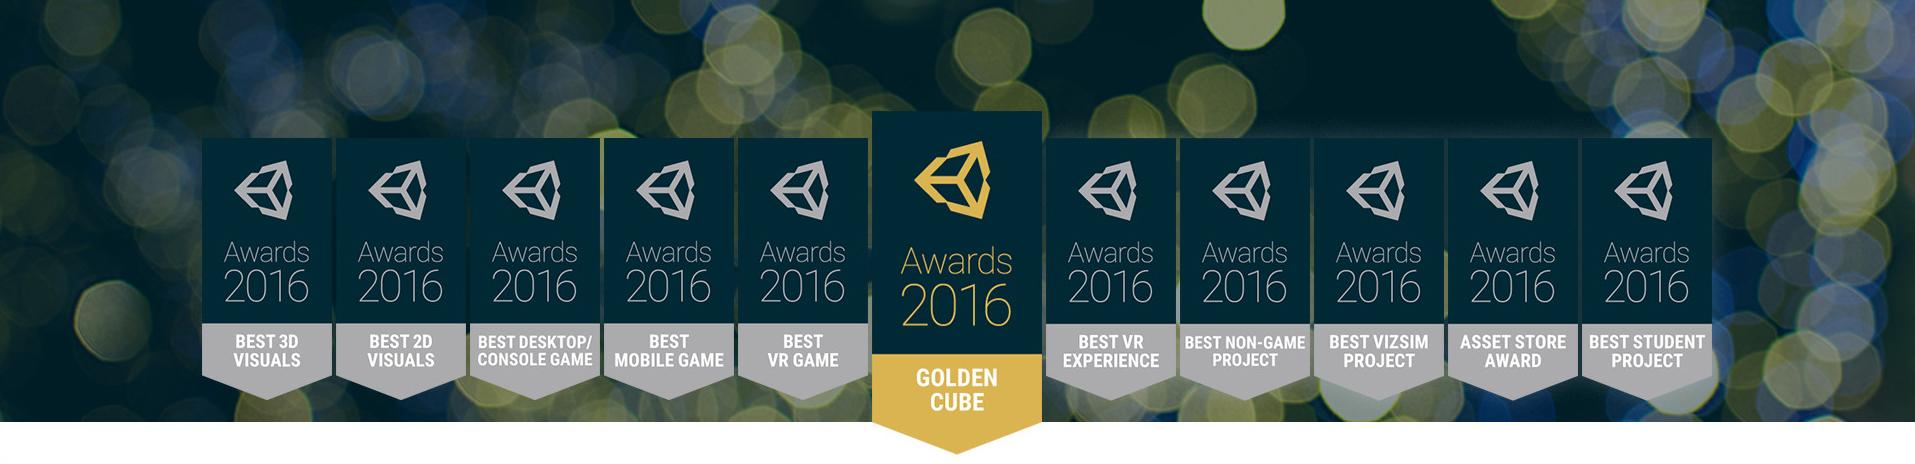 awards-landing-header_2.jpg